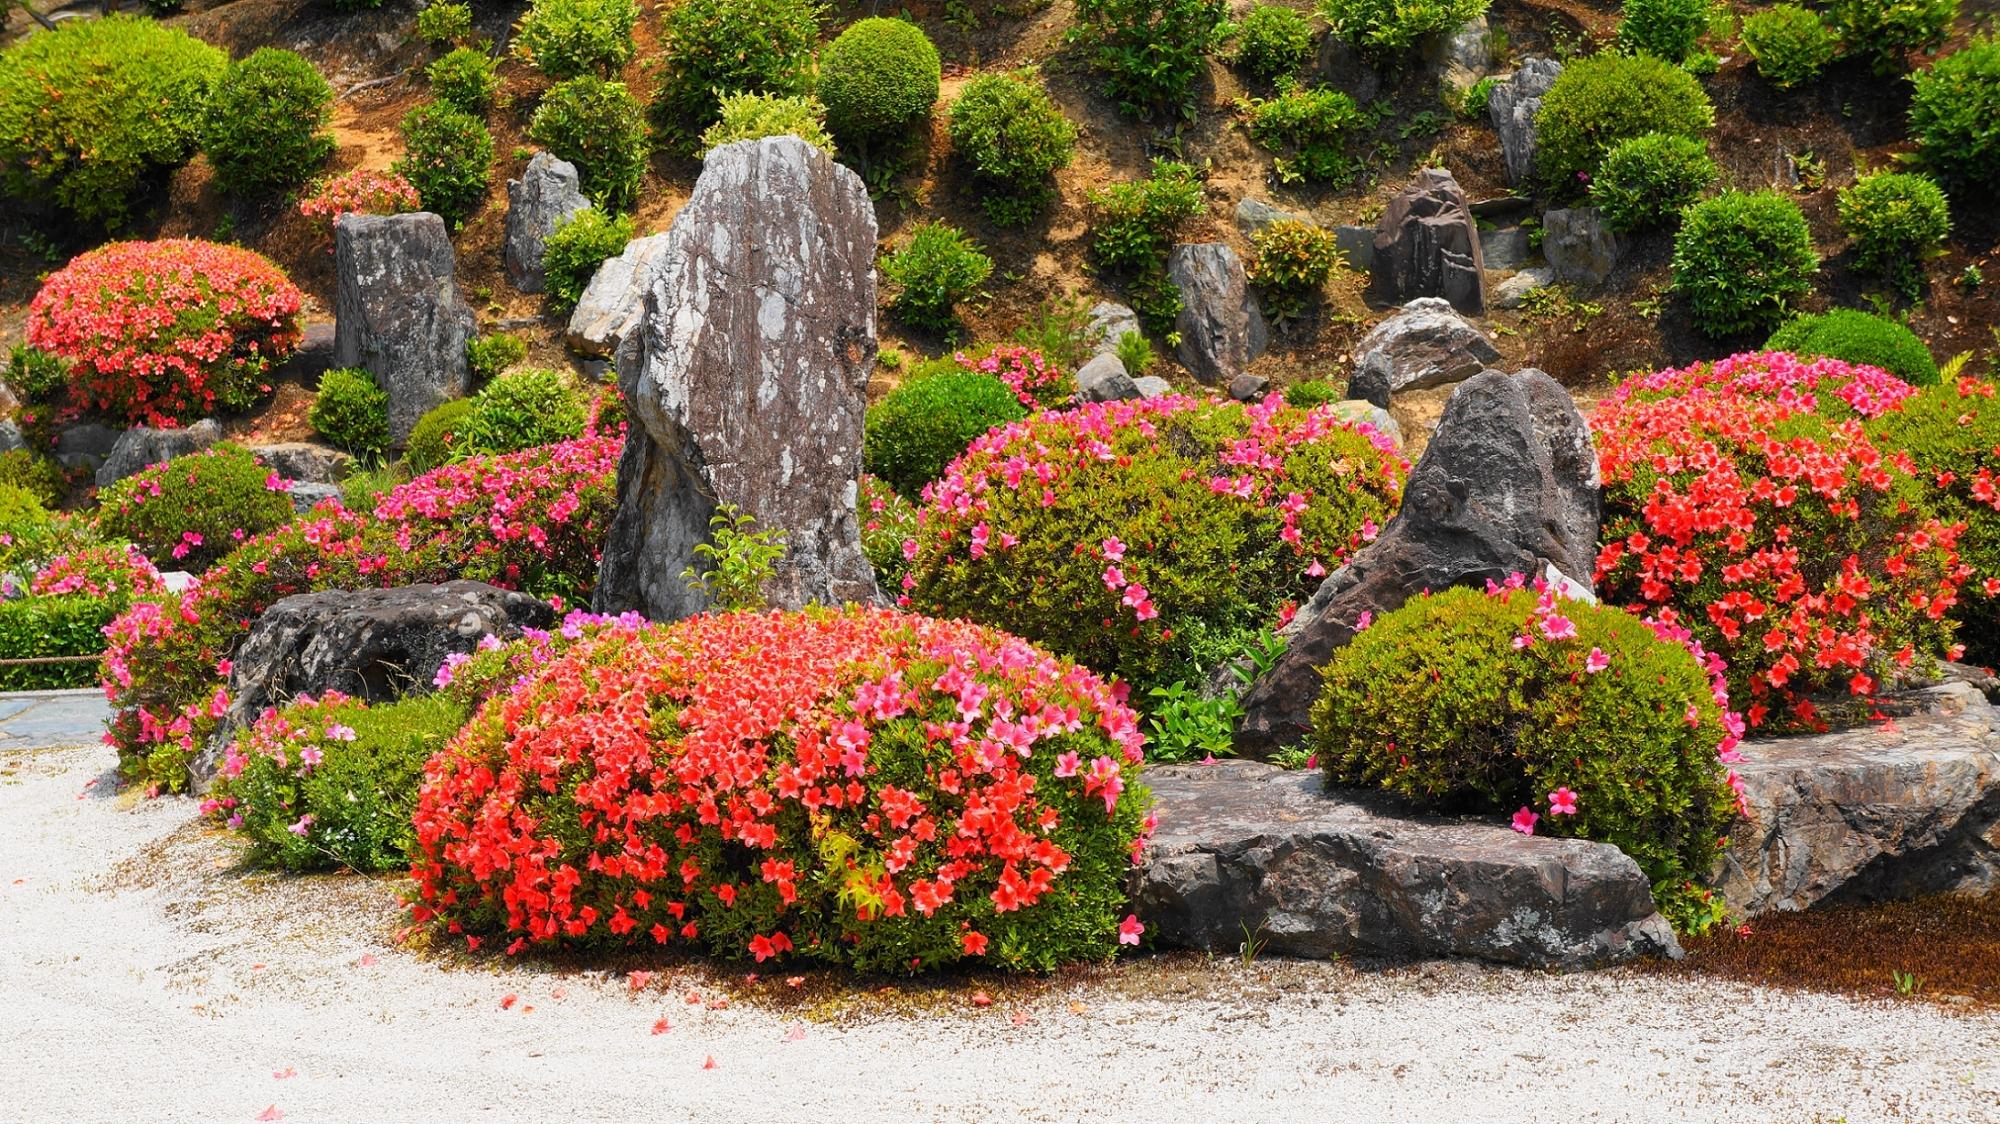 開山堂庭園の力強い岩の間で輝くサツキの花